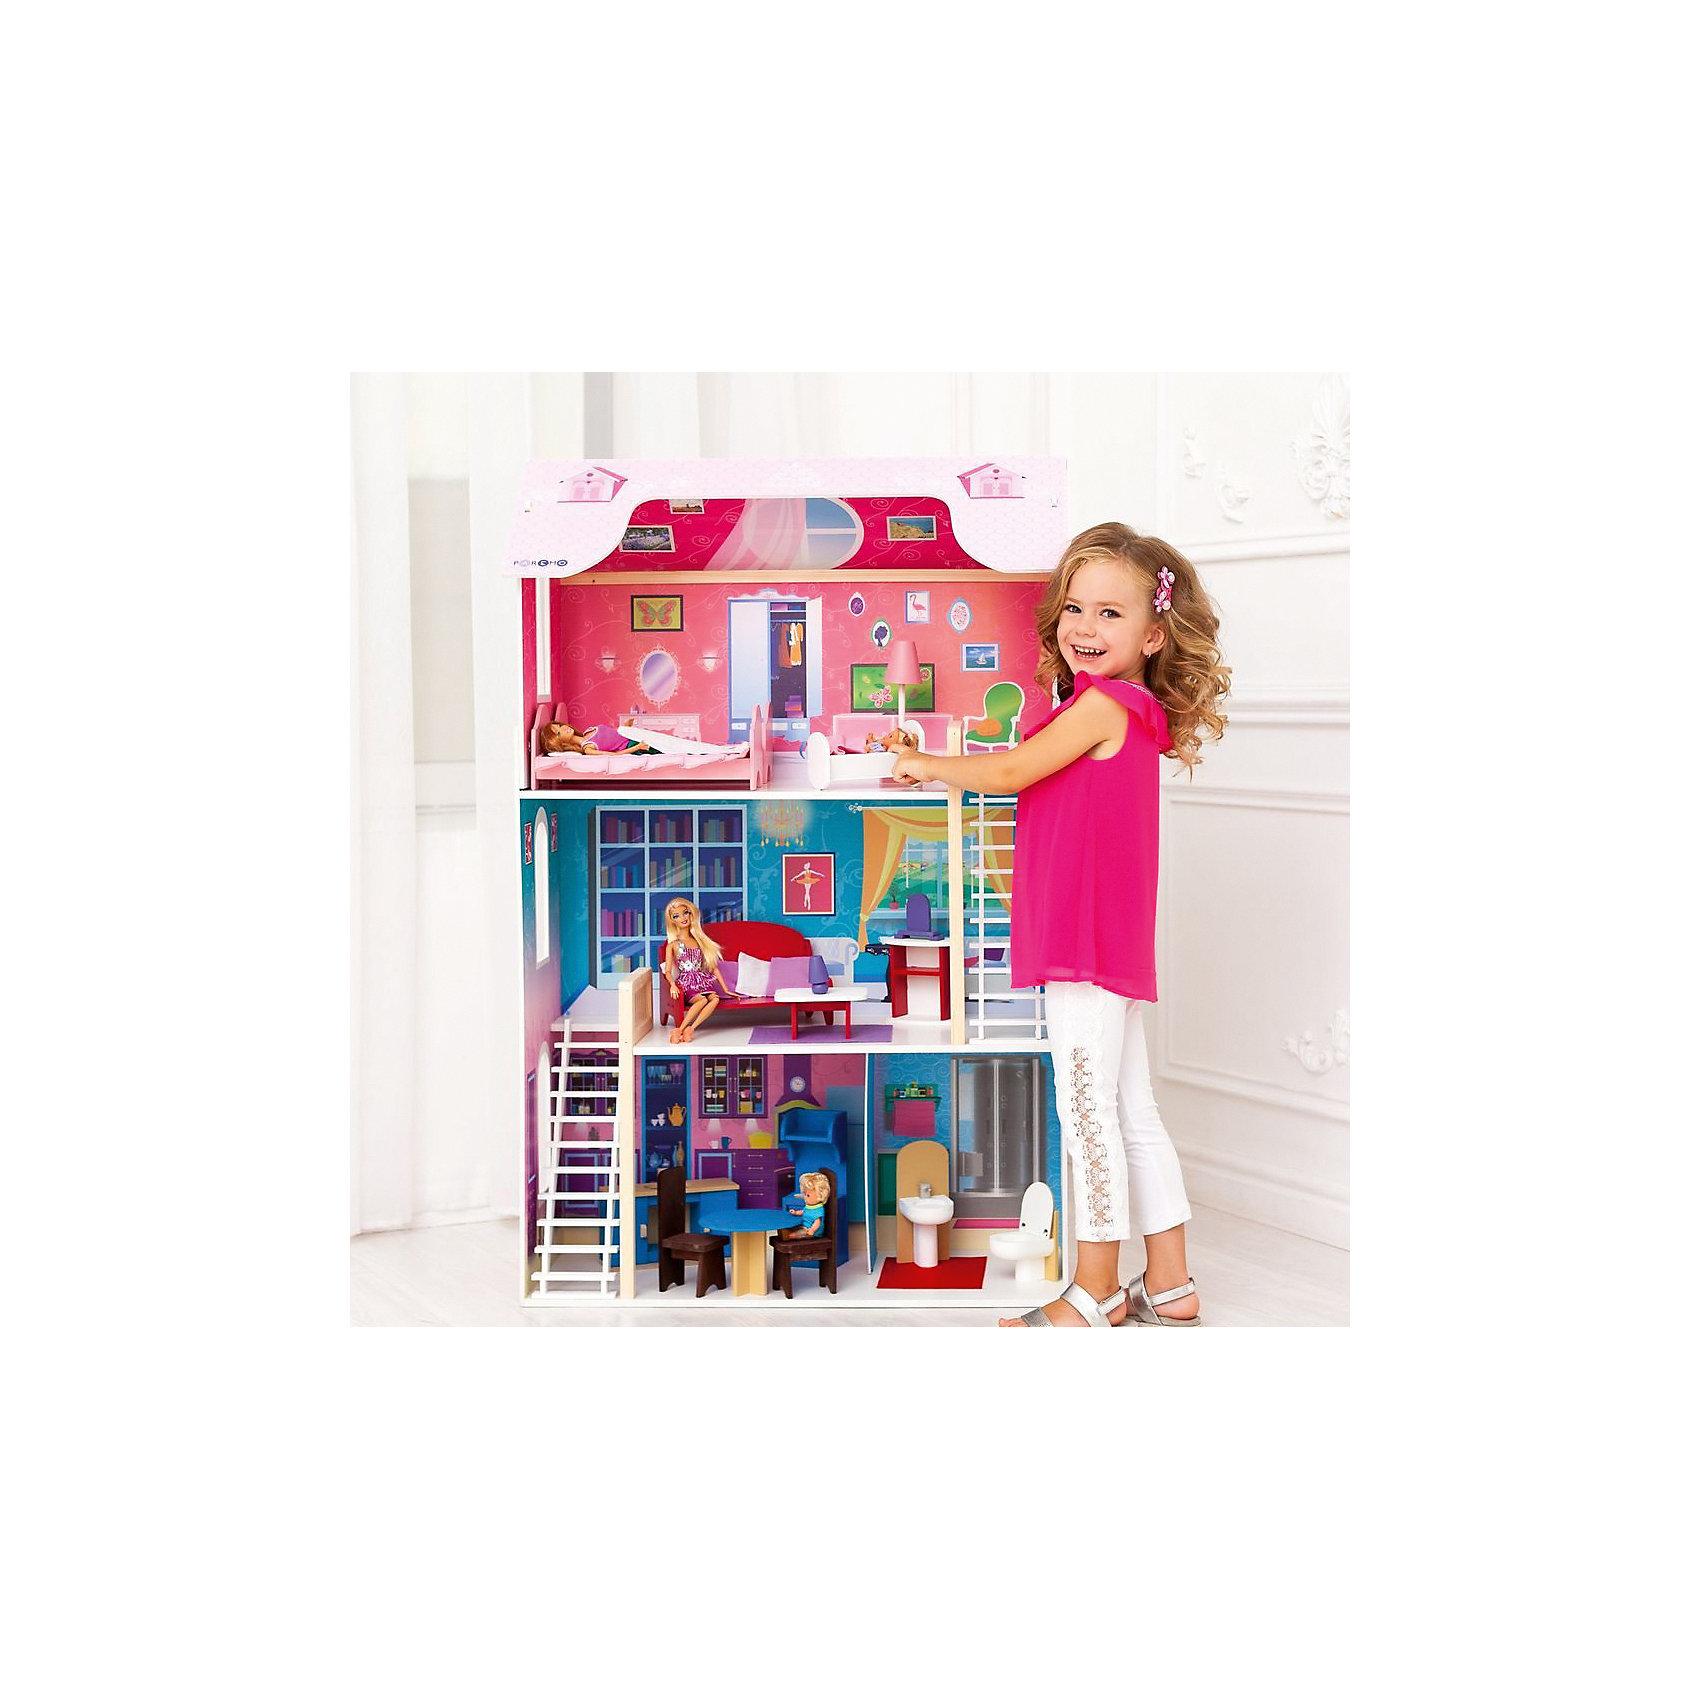 Домик для Барби Вдохновение, с аксессуарами, PAREMOДомики и мебель<br>Домик для Барби Вдохновение, с аксессуарами, PAREMO.<br><br>Характеристики:<br>•Материал: дерево, фанера, флок, фетр. Сделан из натуральных материалов- 100% дерево, ни одного пластикового элемента в каркасе и мебели.<br>•Домик имеет пристенную конструкцию: задняя часть домика глухая, а передняя – открыта.<br>•3 этажа,4 комнаты.<br>•Цвет: насыщенно-розовый.<br>•Подходит для всех кукол высотой до 30 см<br>•Конструкция продается в разобранном виде. Инструкция по сборке входит в комплект.<br>•Размер игрушки в собранном виде - 82х33х120 см.<br>•Размер упаковки - 88х36х30 см.<br>•Вес 16 кг. <br><br>В комплекте:<br><br>• 16 аксессуаров: раковина, унитаз (крышка поднимается), обеденный стол, 2 стула, кухонная плита (дверца духового шкафа открывается, верхняя полка выдвигается), кухонная мойка (боковые дверцы открываются), диван, журнальный столик, шкафчик, часы, лампа, 2 кровати, колыбель, торшер.<br><br>ВНИМАНИЕ! Куклы, кукольная одежда и транспорт, а также текстиль приобретается отдельно!<br><br>Домик для Барби Вдохновение, с аксессуарами, PAREMO (Паремо) –игрушка от российского производителя. Фасады украшают цветочные орнаменты. Белоснежные рамы окон и балконы, контрастируя с цветом фасадов, делают домик и грациозным и нежным одновременно. На крыше два мансардных окошка (наклейки).<br>В доме имеются 3 этажа и 4 большие комнаты. На первом этаже располагаются кухня-столовая и ванная комната, на втором – гостиная, на третьем – кукольная спальня. Между этажами имеется белоснежная флокированная лестница, бархатистая и мягкая на ощупь, создающая ощущение уюта и мягкости. <br>Материалы, из которых изготовлен домик, полностью соответствуют российским стандартам безопасности. С домиком можно играть на улице, Цвета не выгорают на солнце и не портятся от дождя.<br><br>Домик для Барби Вдохновение, с аксессуарами, PAREMO, можно купить в нашем интернет - магазине<br><br>Ширина мм: 360<br>Глубина мм: 880<br>Высота мм